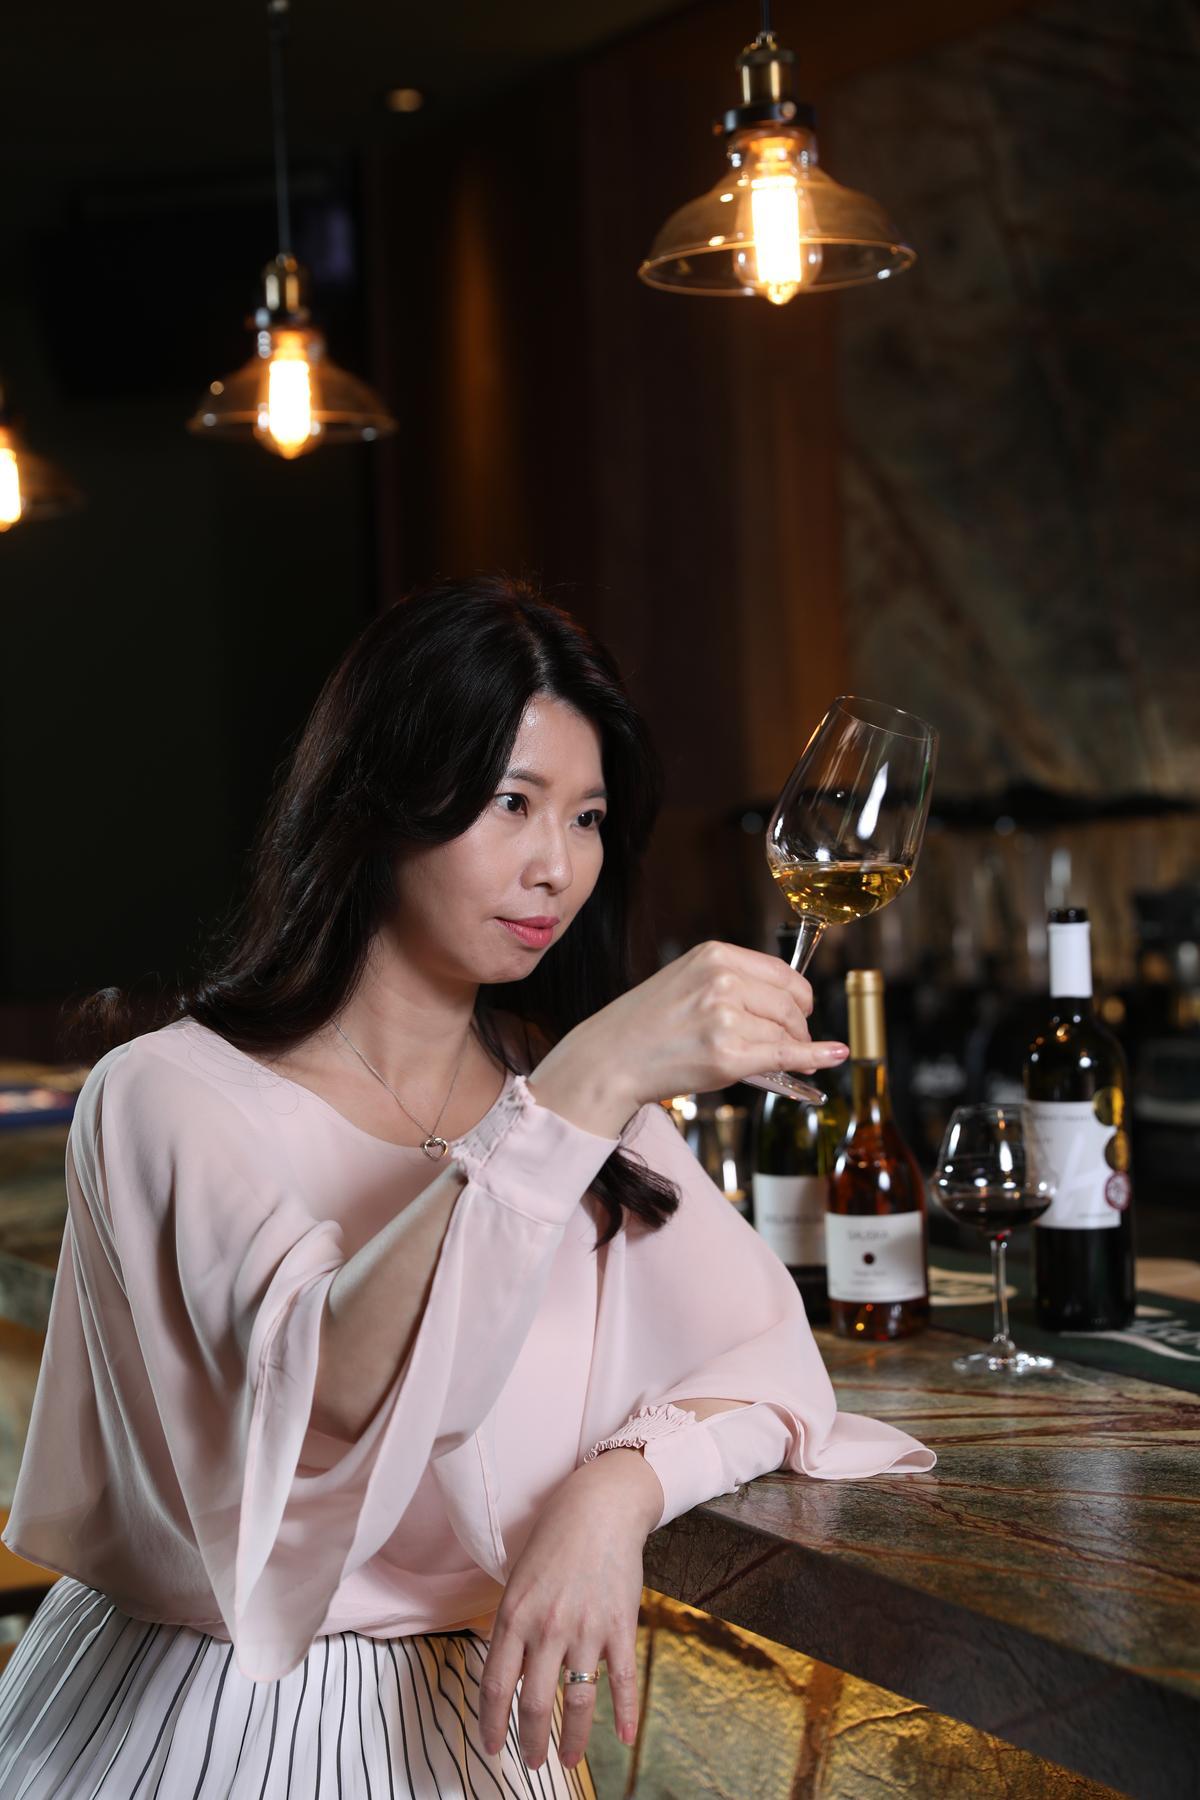 擁有WSET L2認證的吉富國際副總謝庭涵,對冷門的匈牙利酒研究頗深,熱中酒搭菜的味覺實驗。